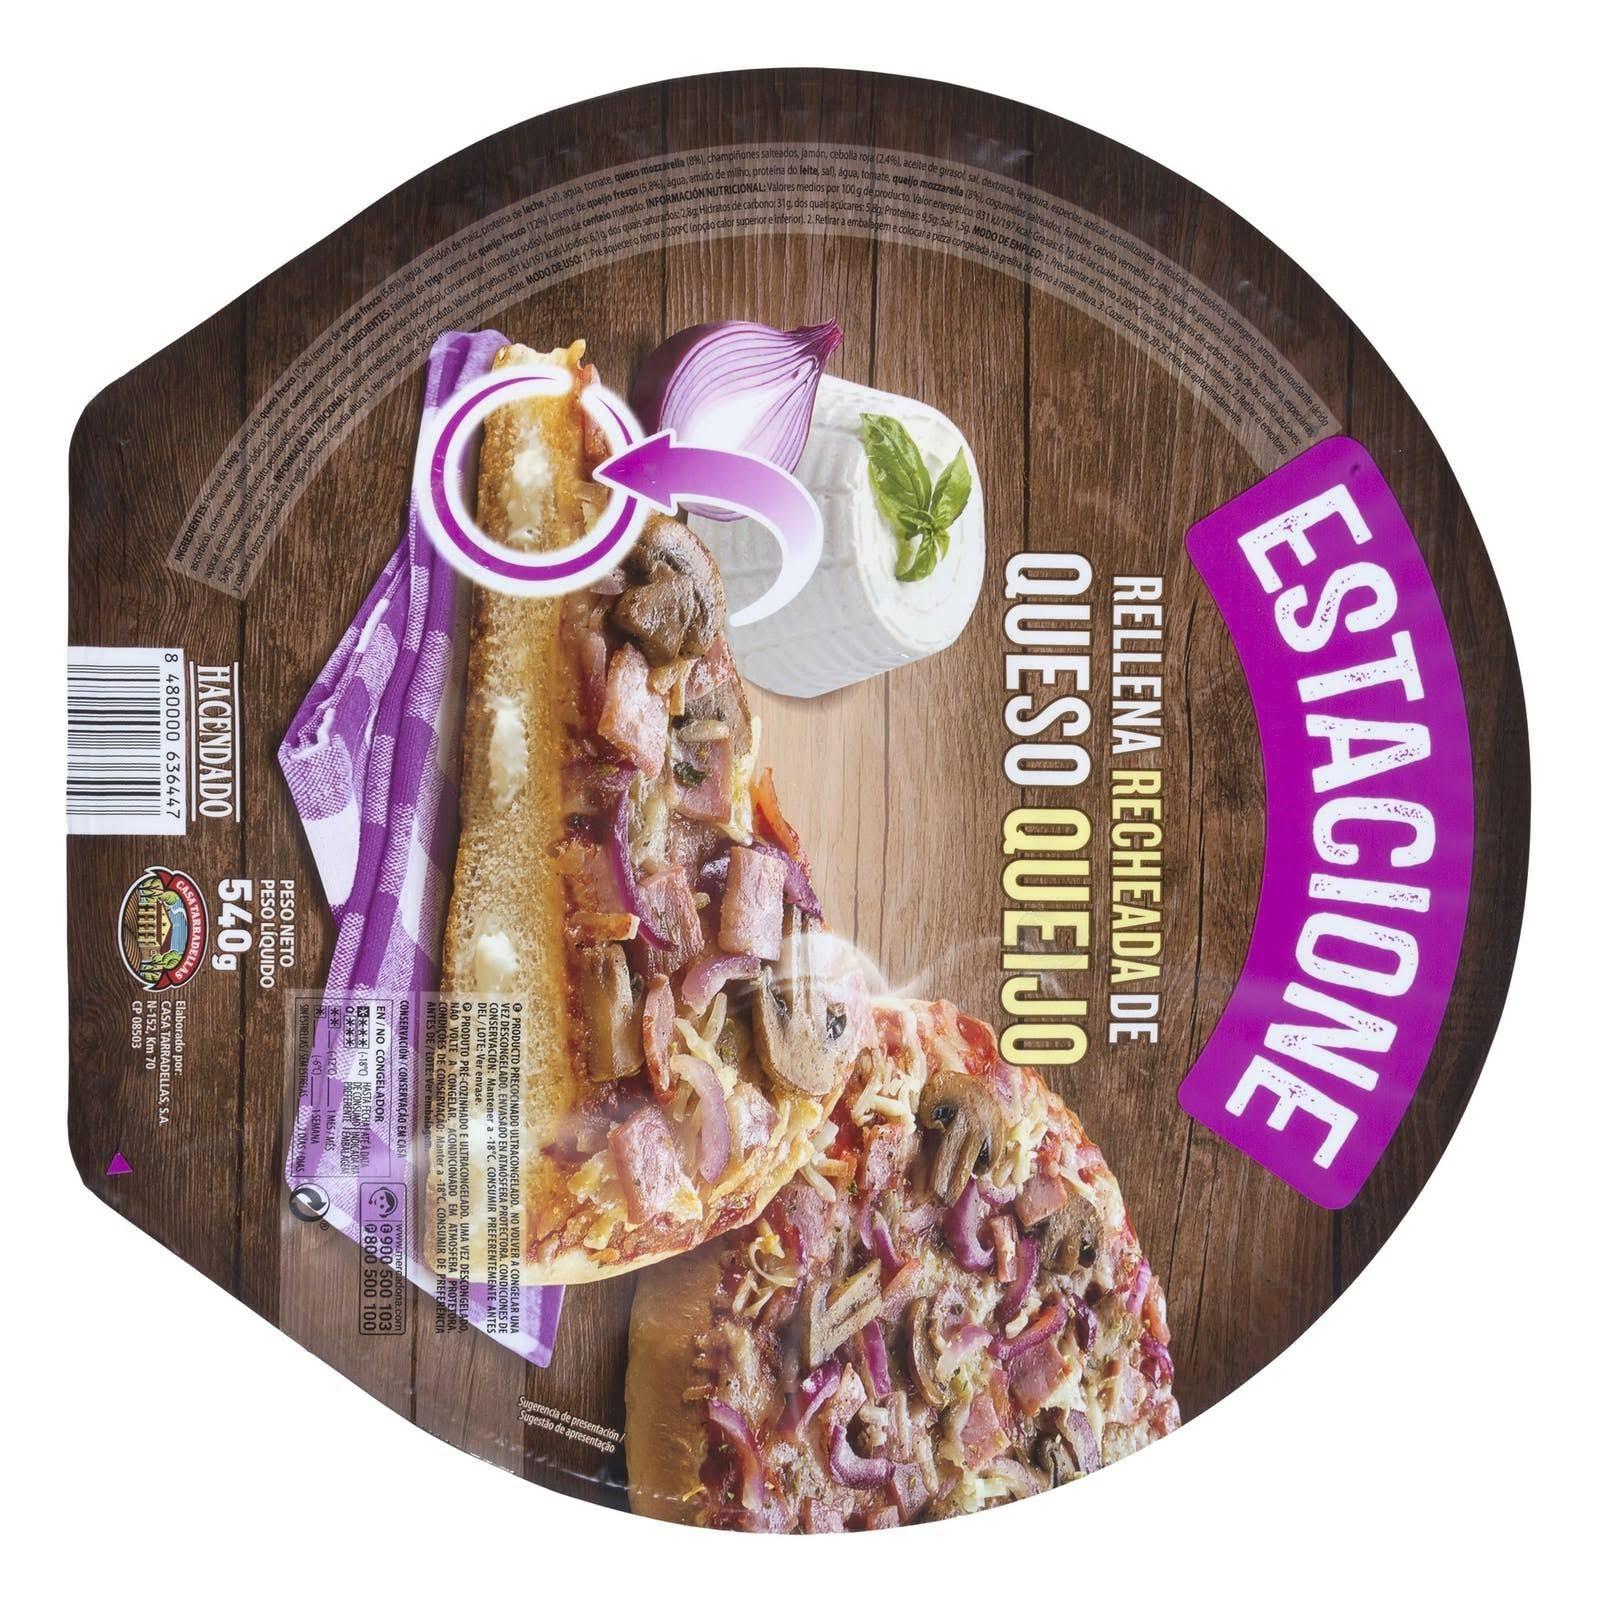 Pizza estacione rellena de queso Hacendado